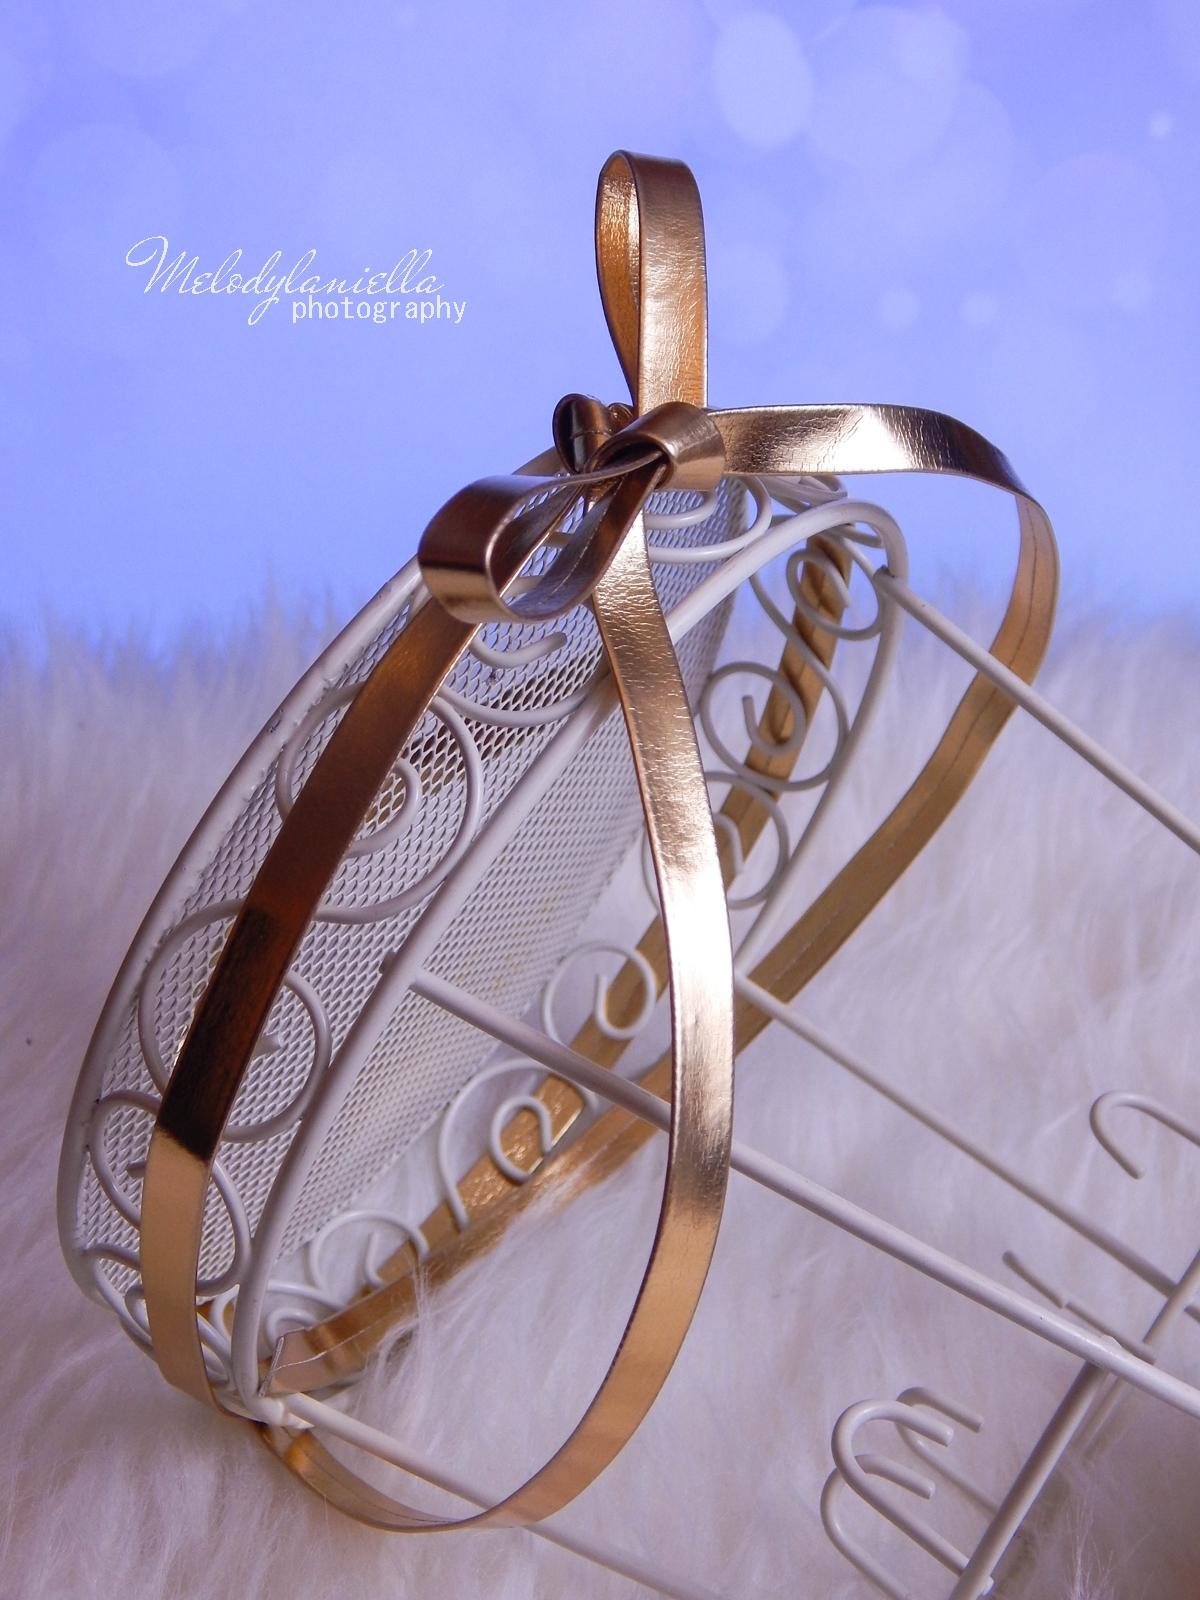 12 Biżuteria z chińskich sklepów sammydress kolczyk nausznica naszyjnik wisiorki z kryształkiem świąteczna biżuteria ciekawe dodatki stylowe zegarki pióra choker chokery złoty srebrny złoto srebro obelisk